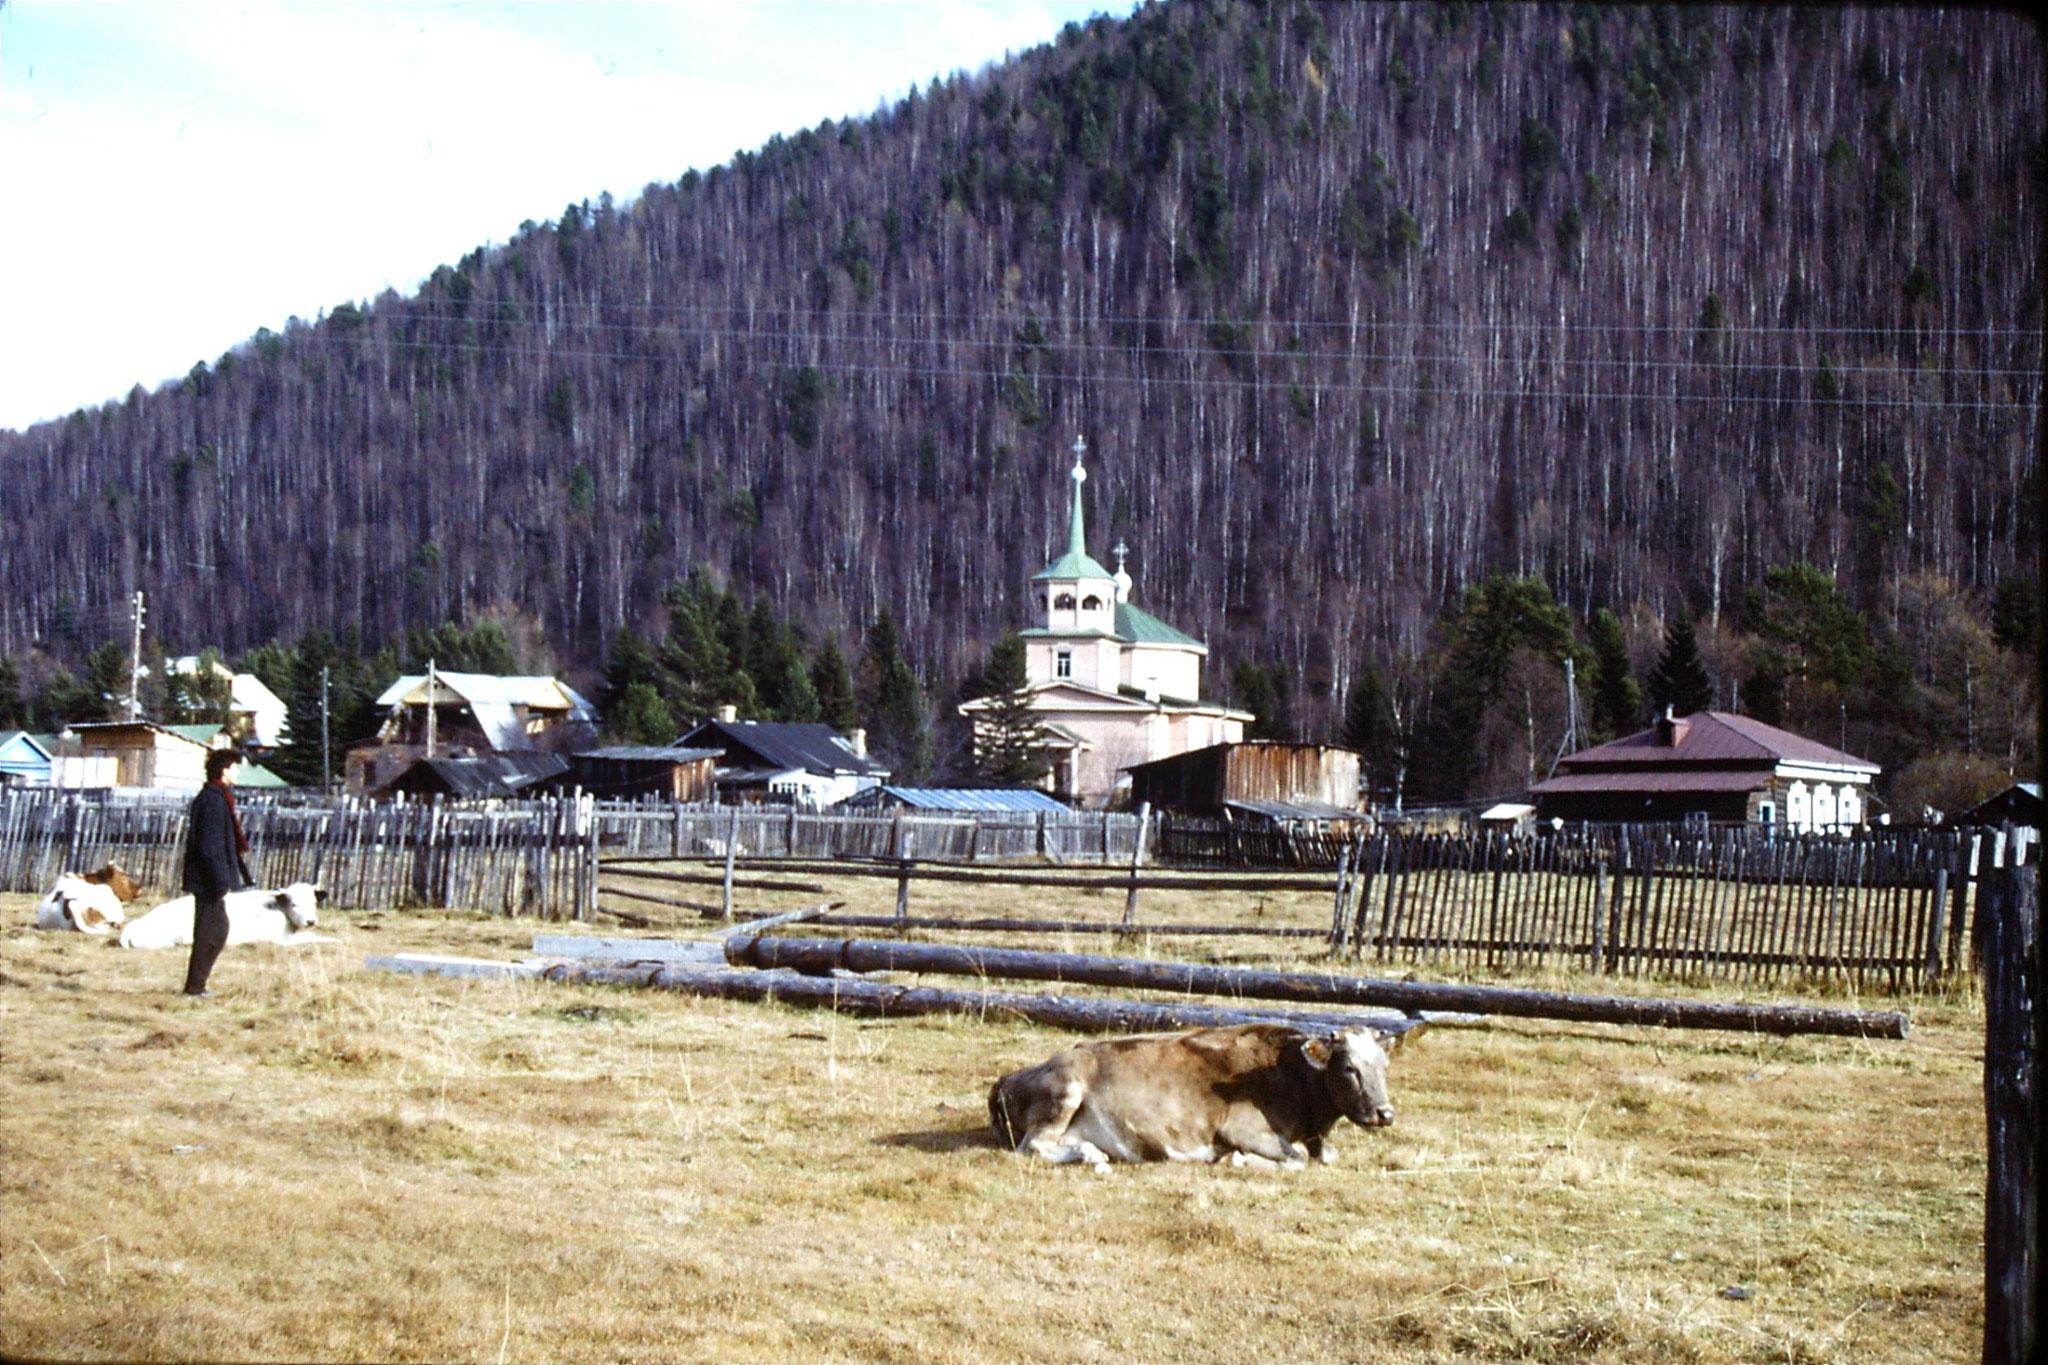 23/10/1988: 30: Lake Baikal Listvyanka St Nikolaus Church